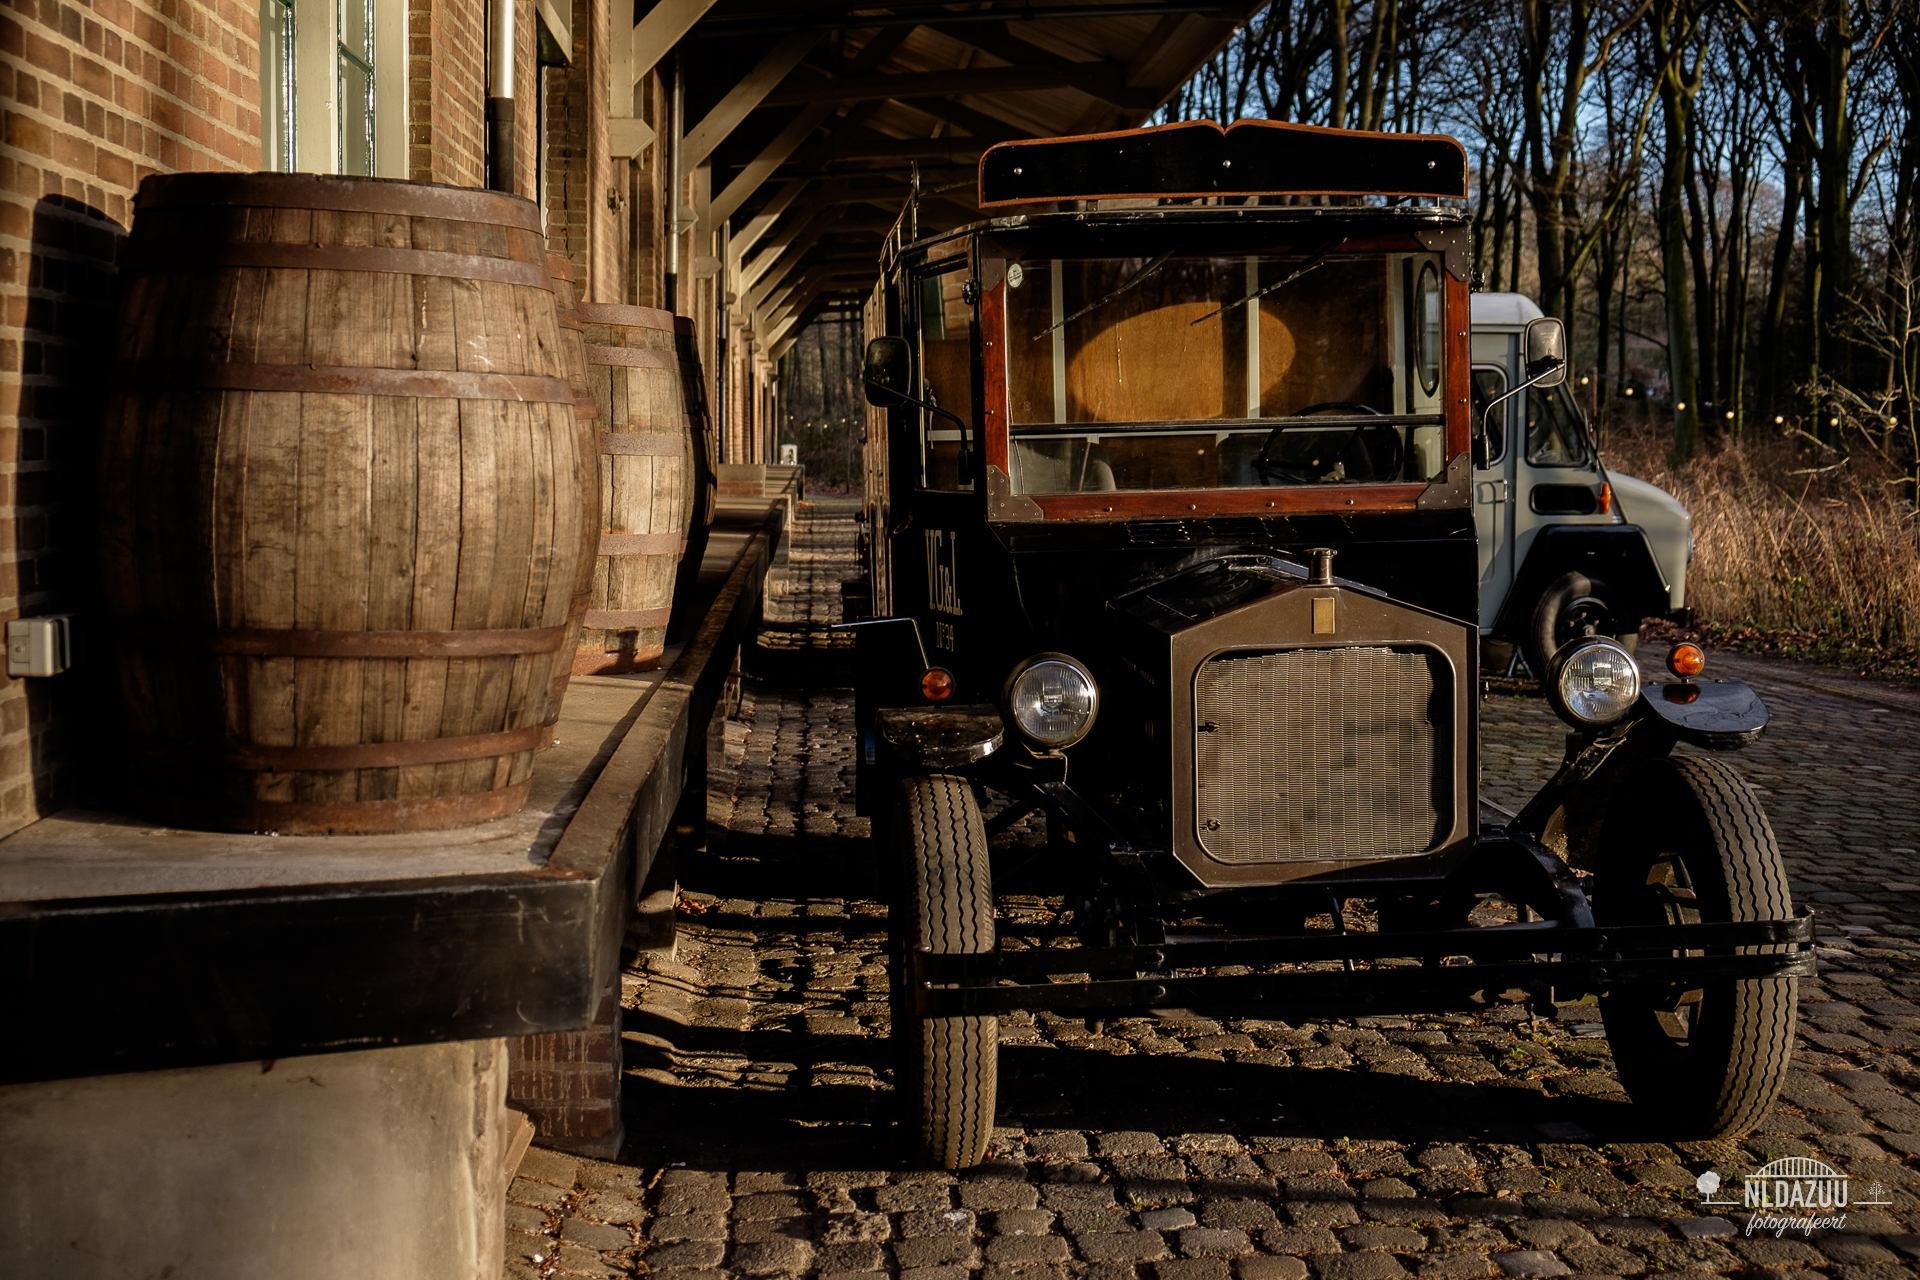 Thema transport in het openlucht museum, Van Gend & Loos